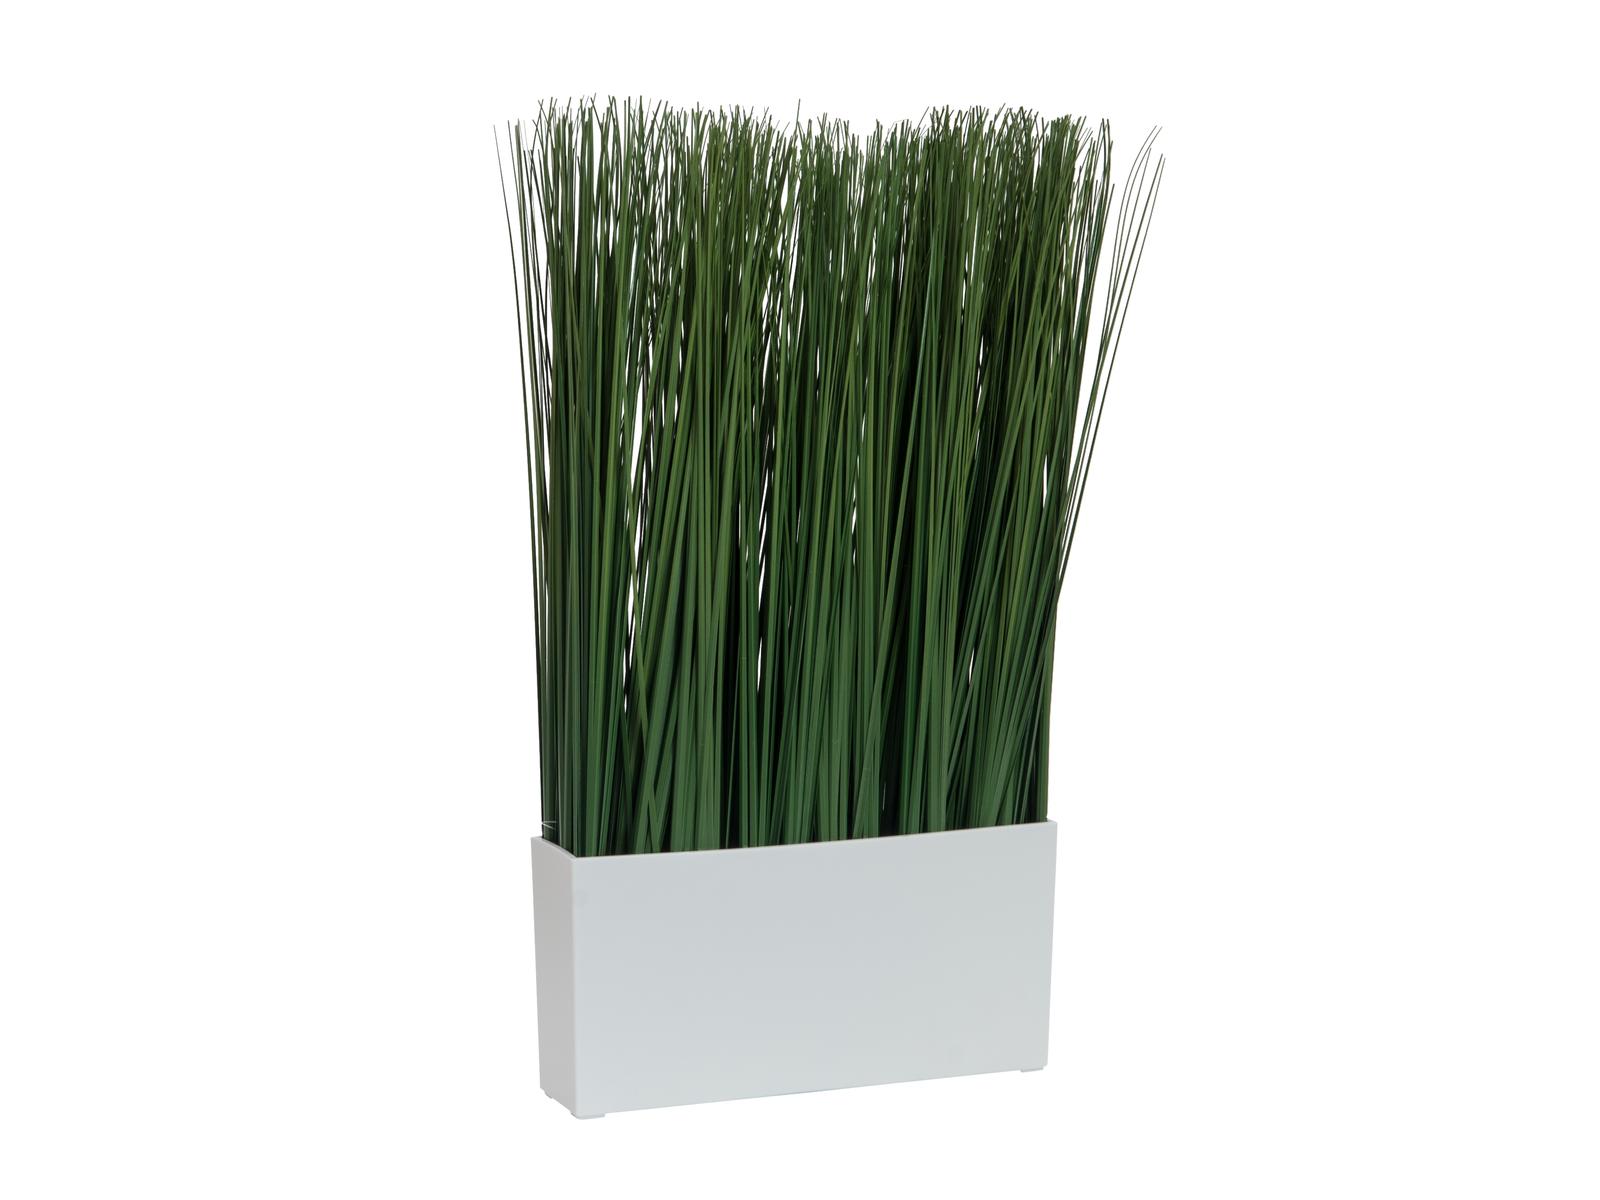 Umělá tráva, tmavě zelená, 50 x 27 cm